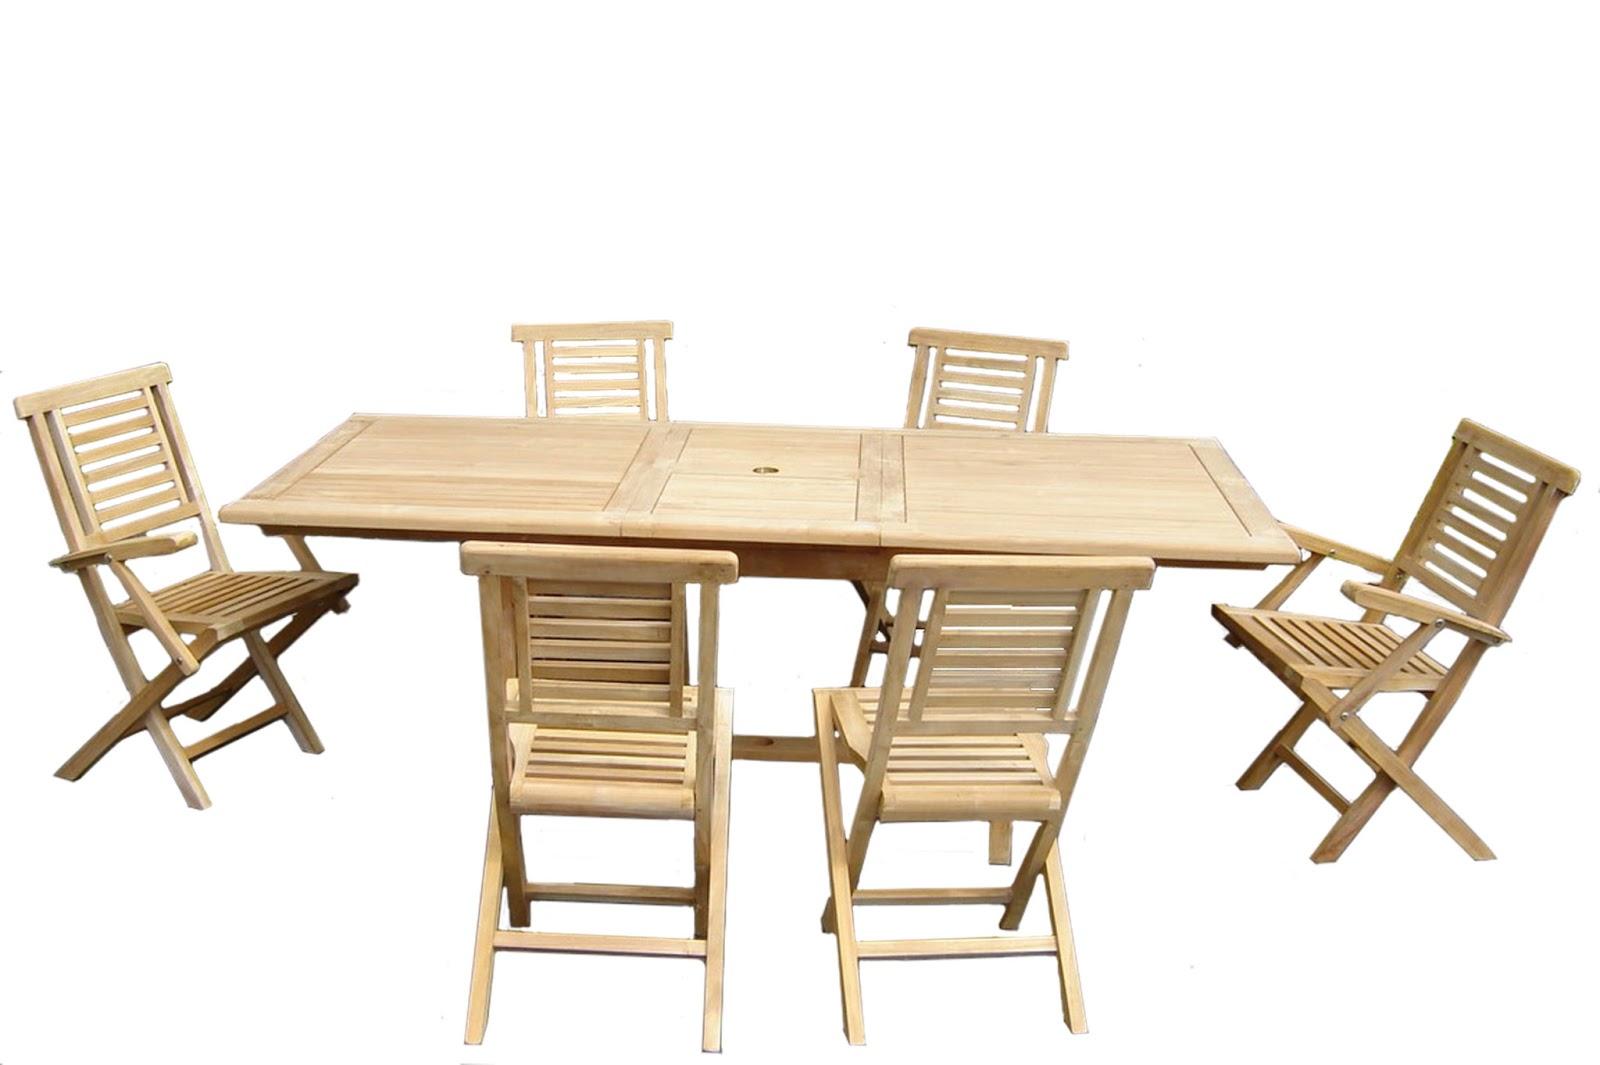 Salon De Jardin Bois Remmington 1 Table 190 230cm 4 Chaises 2 Fauteuils